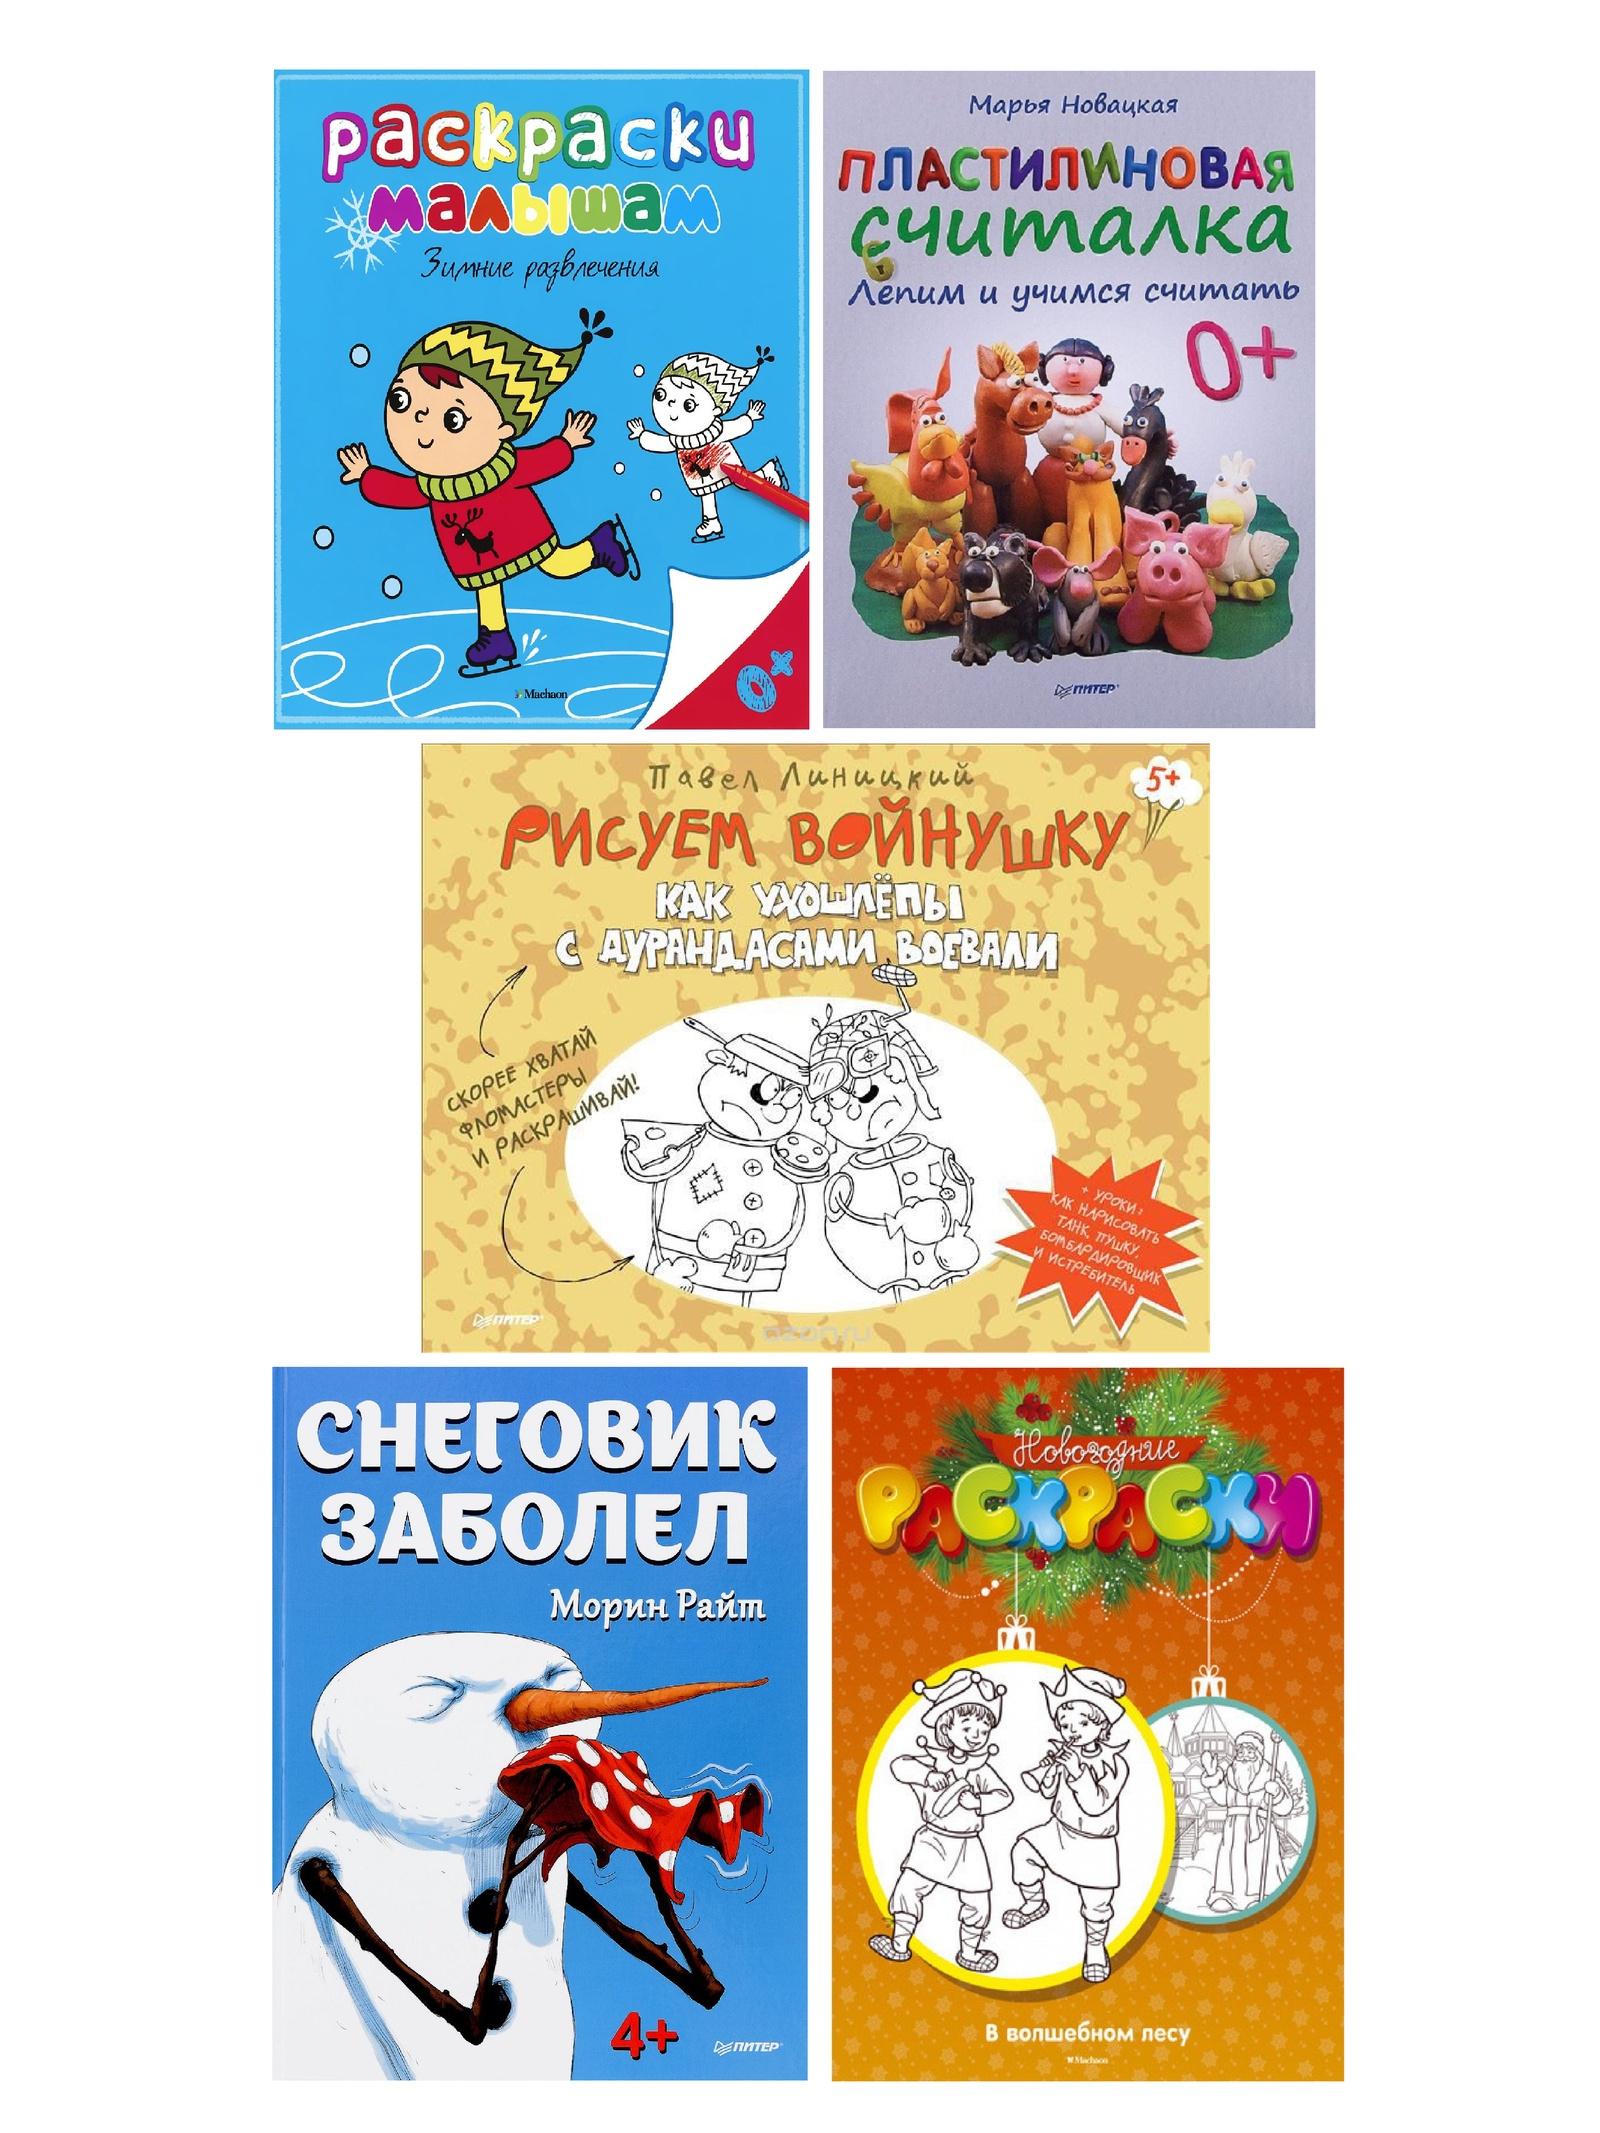 М. Райт, Марья Новацкая Набор из 5 детских книг «Творчество для детей» - раскраски, книги для детей, книга для рисования и развития фантазии, а также изготовление поделок из пластилина - промо-цена